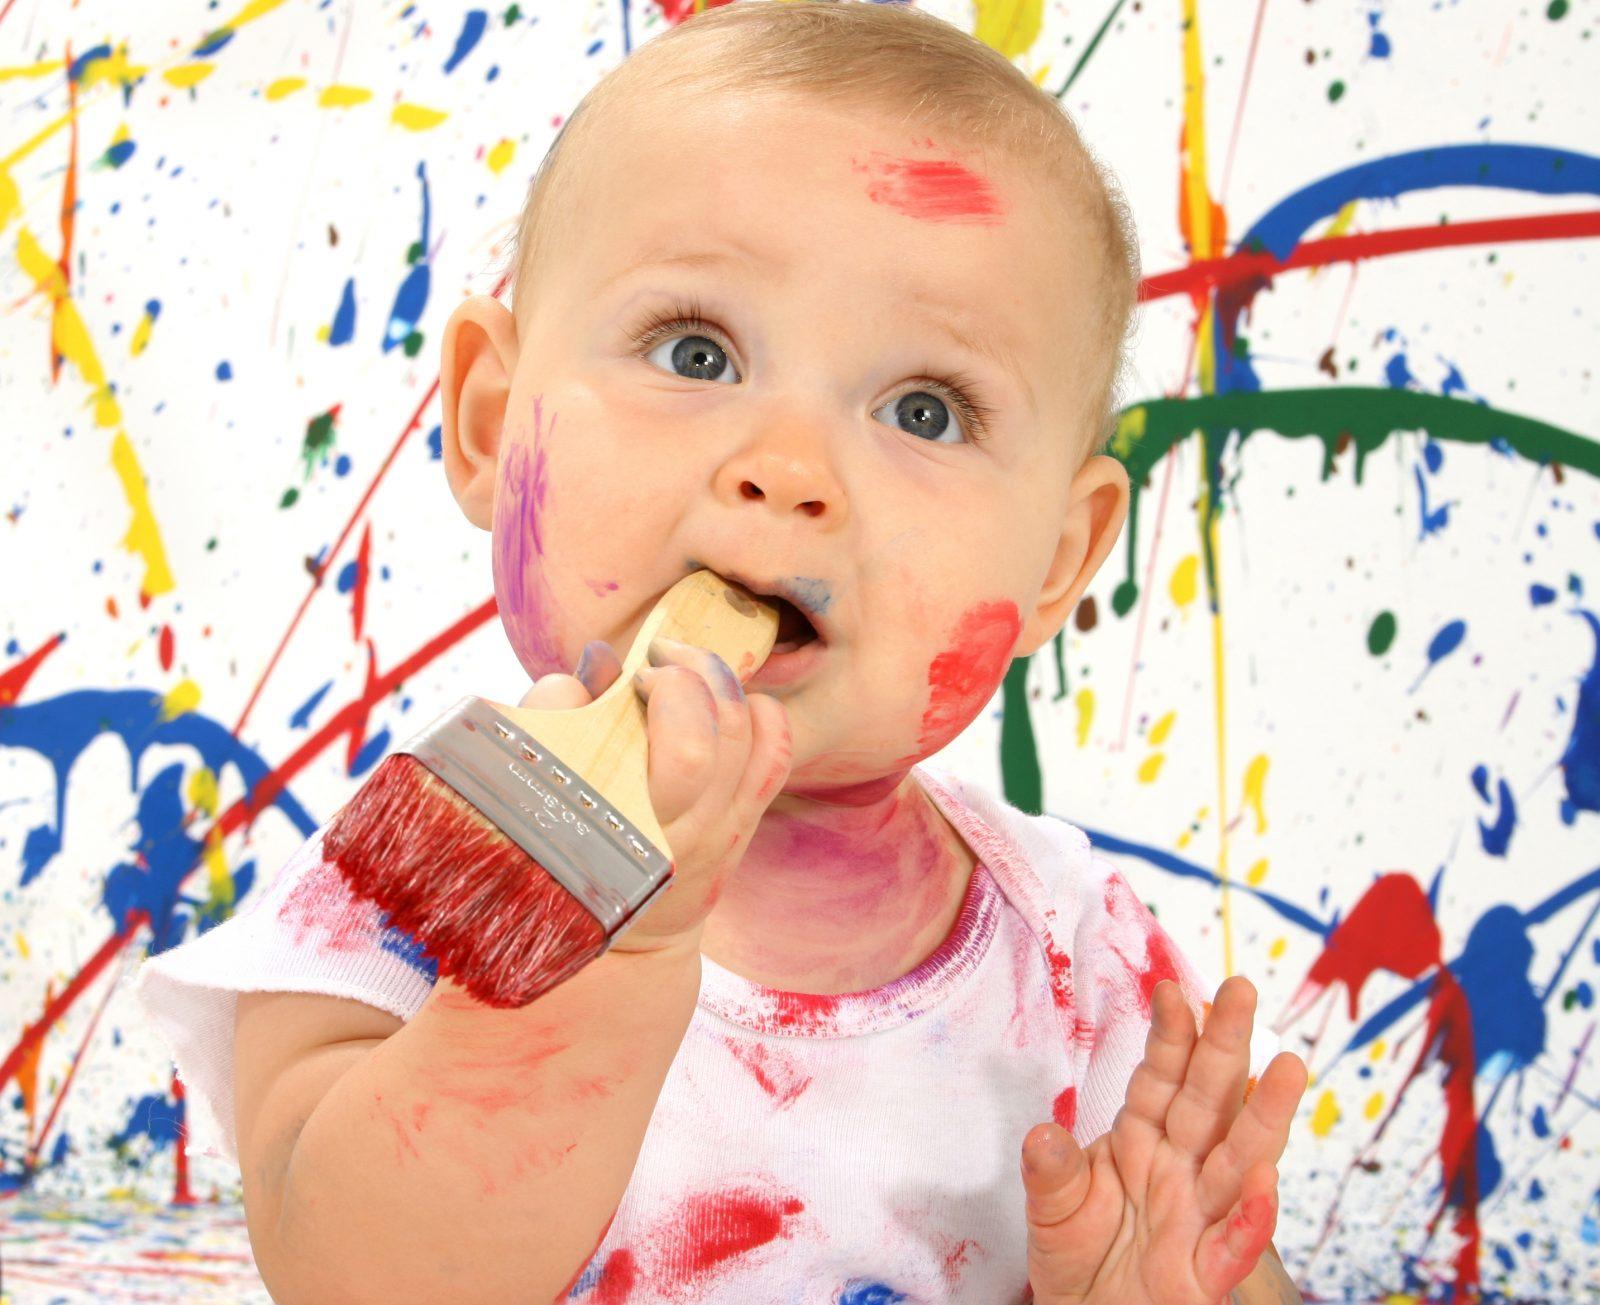 Bebeklikte Duyu Organlarının Gelişimi 5